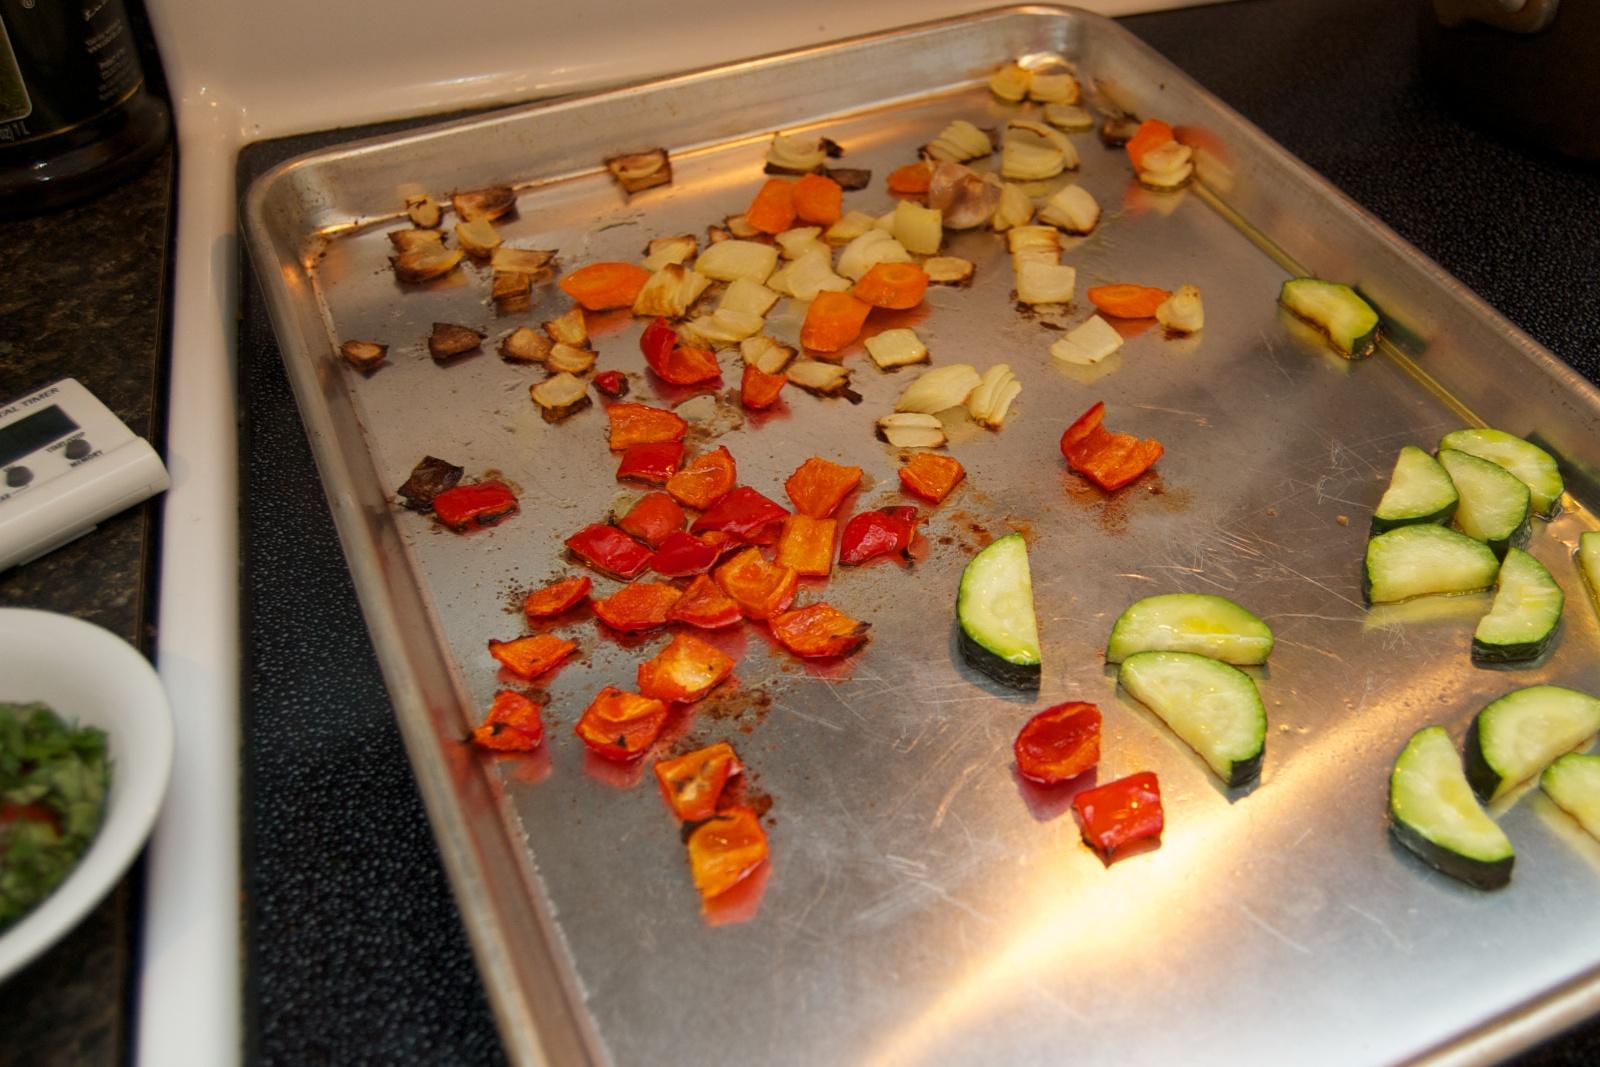 http://blog.rickk.com/food/2010/09/20/pastaprimavera2.jpg